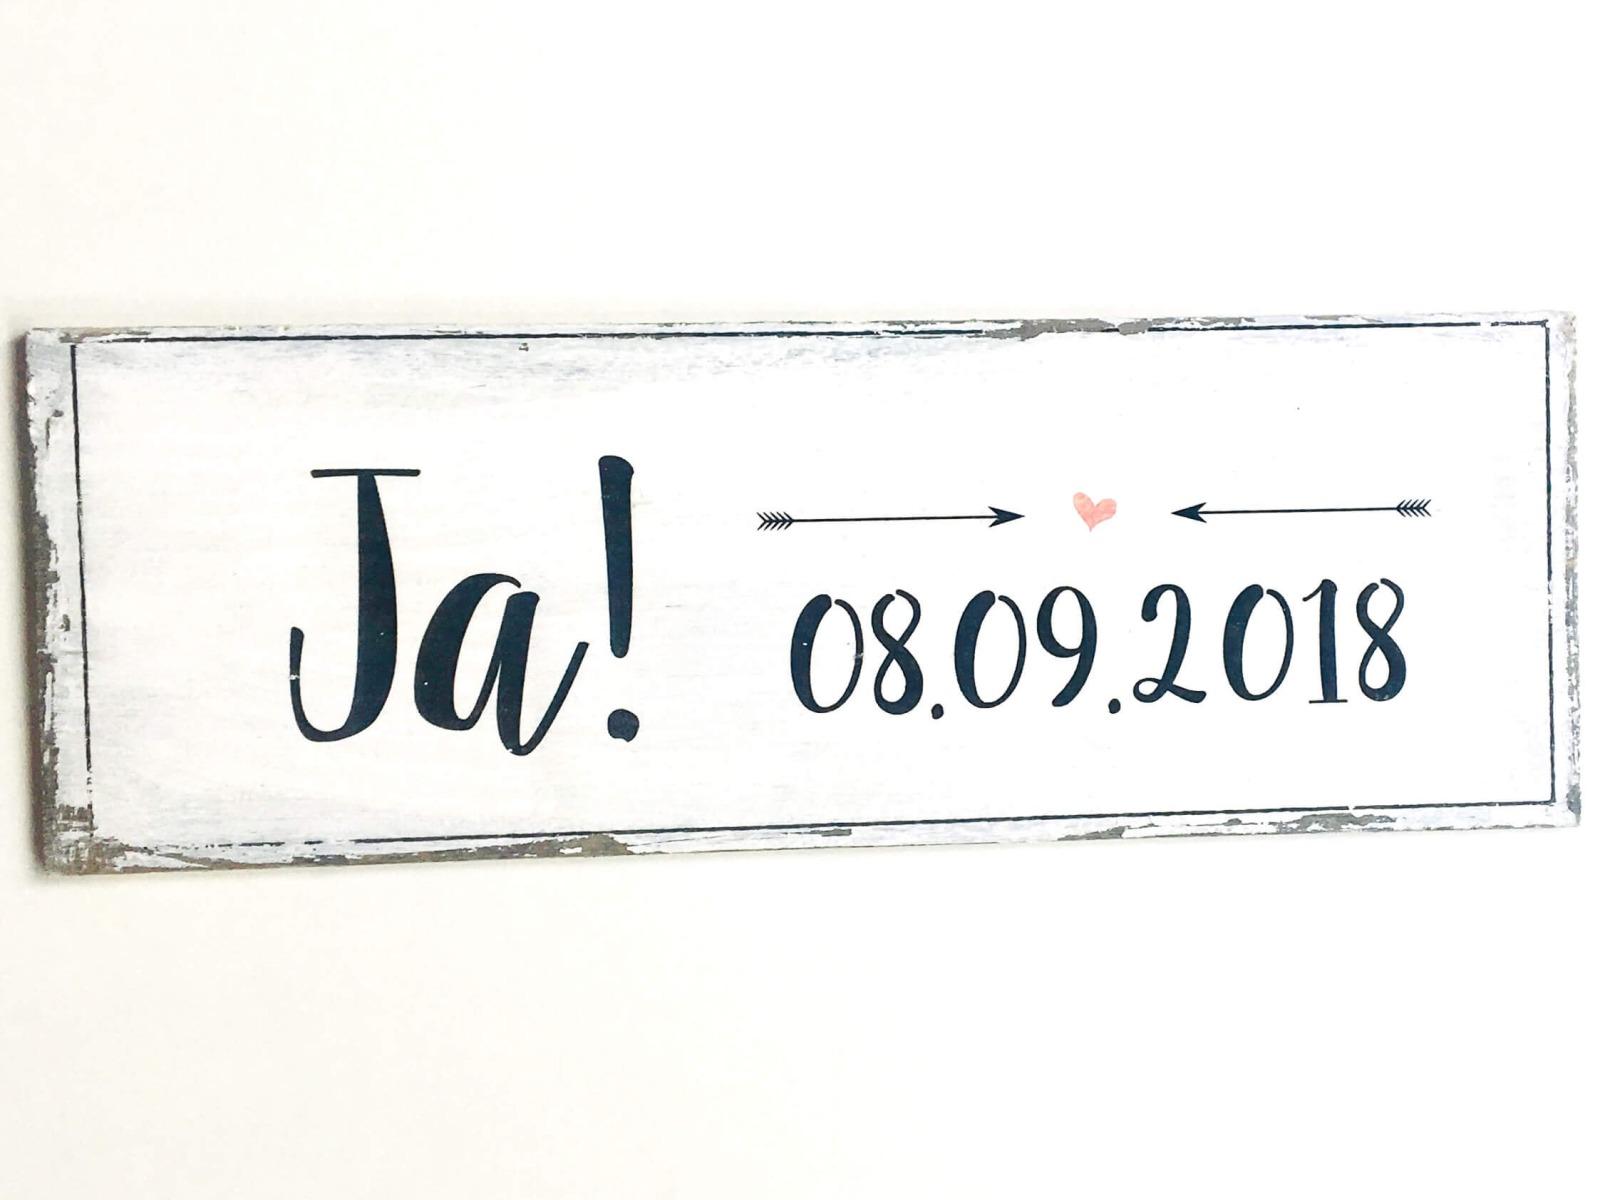 Ja Holzschild mit Datum 2